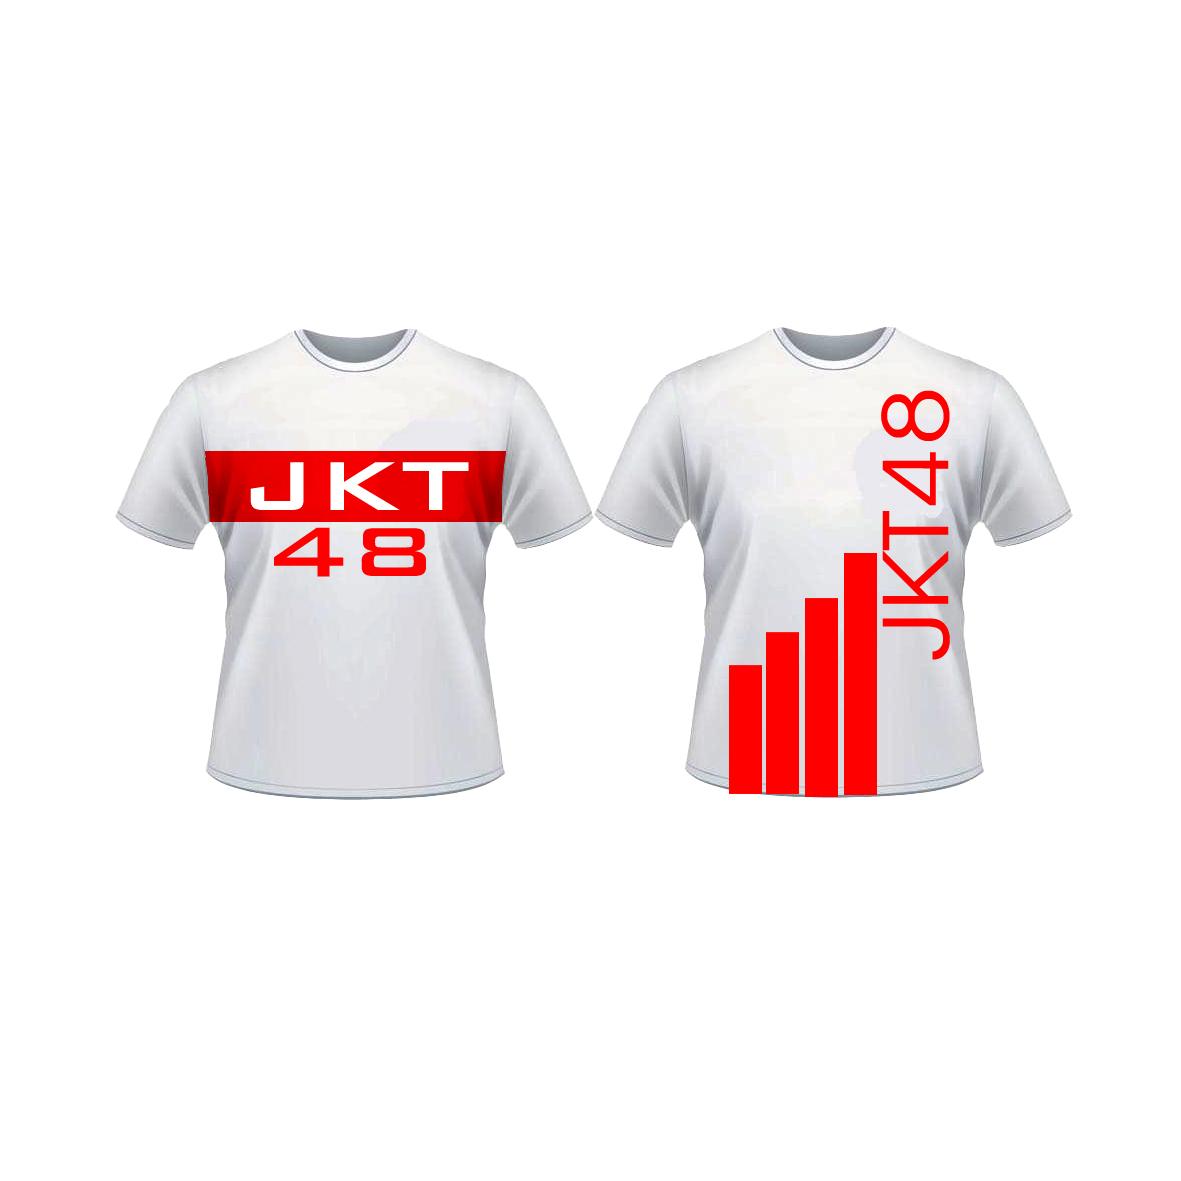 Kaos Jkt 48 Surabaya Jual Kaos Distro Murah | New Style for 2016-2017